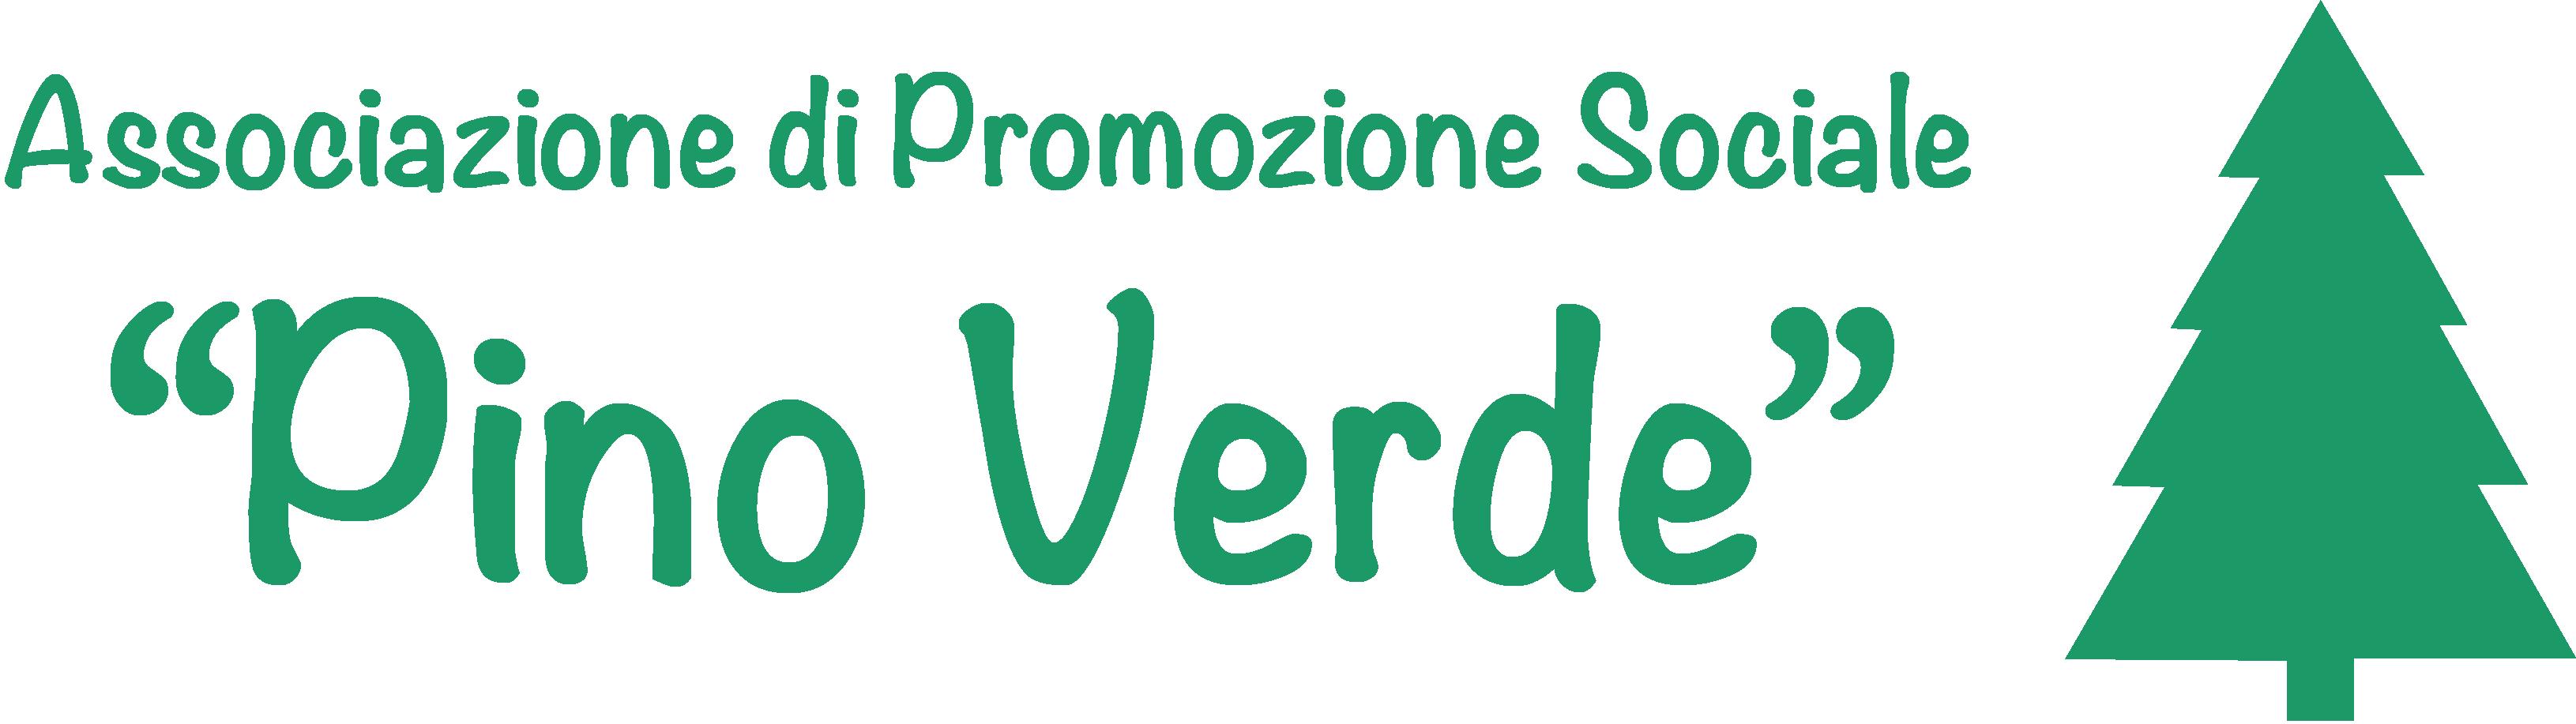 Pino Verde – Associazione di Promozione Sociale